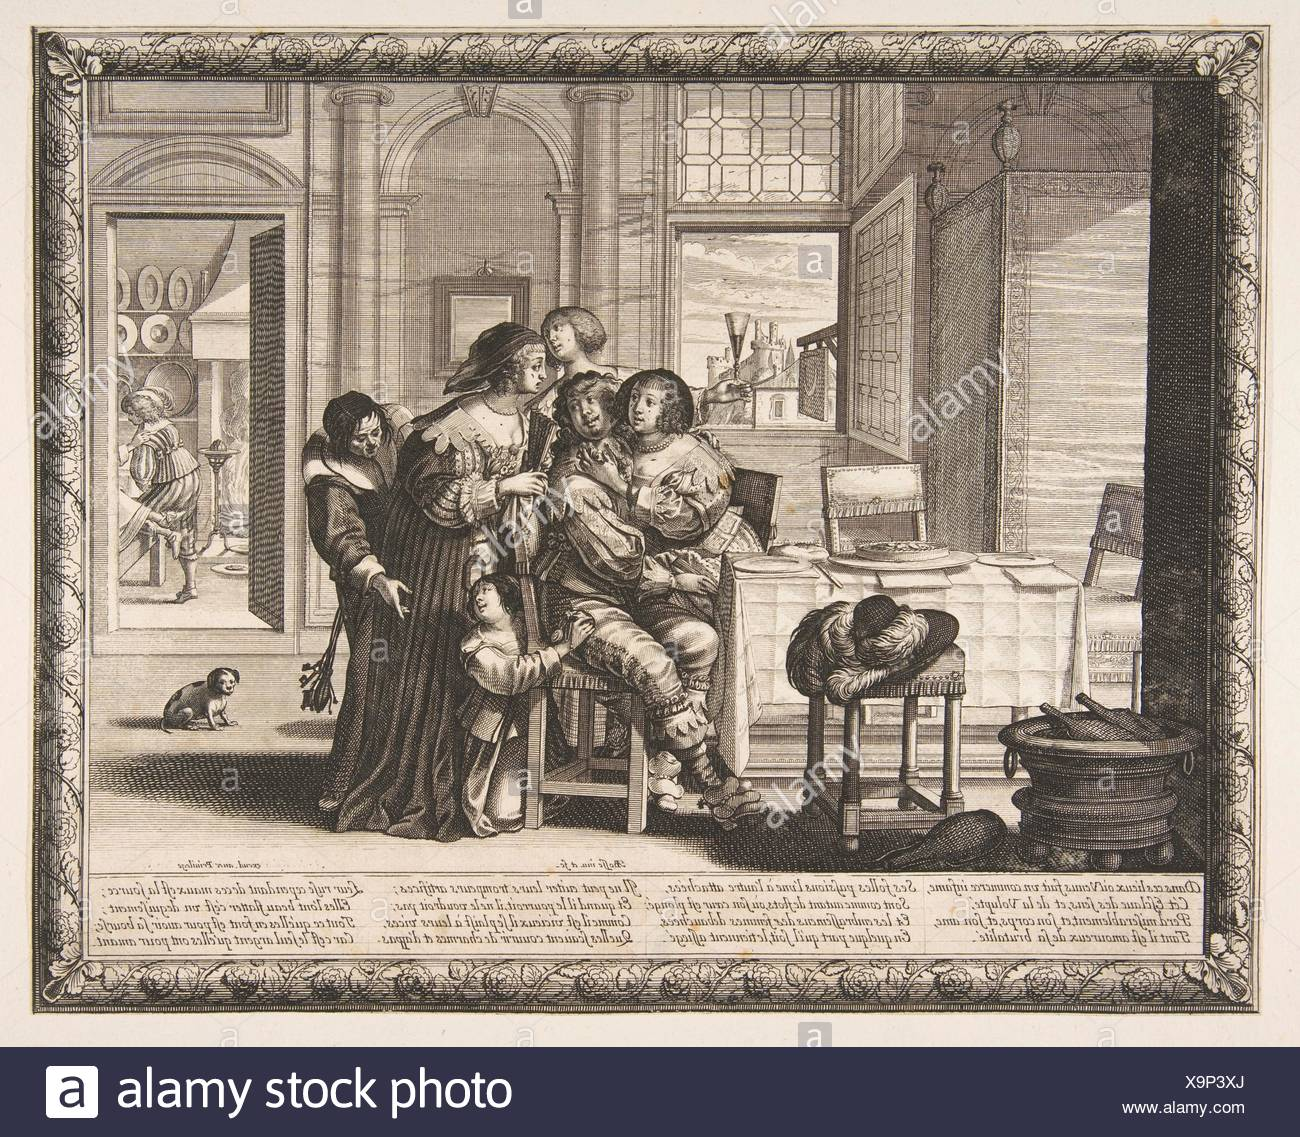 The Prodigal Son in a House of Ill Repute (L'Enfant prodigue dans une maison de débauche, version couvert). Series/Portfolio: Histoire de l'Enfant - Stock Image